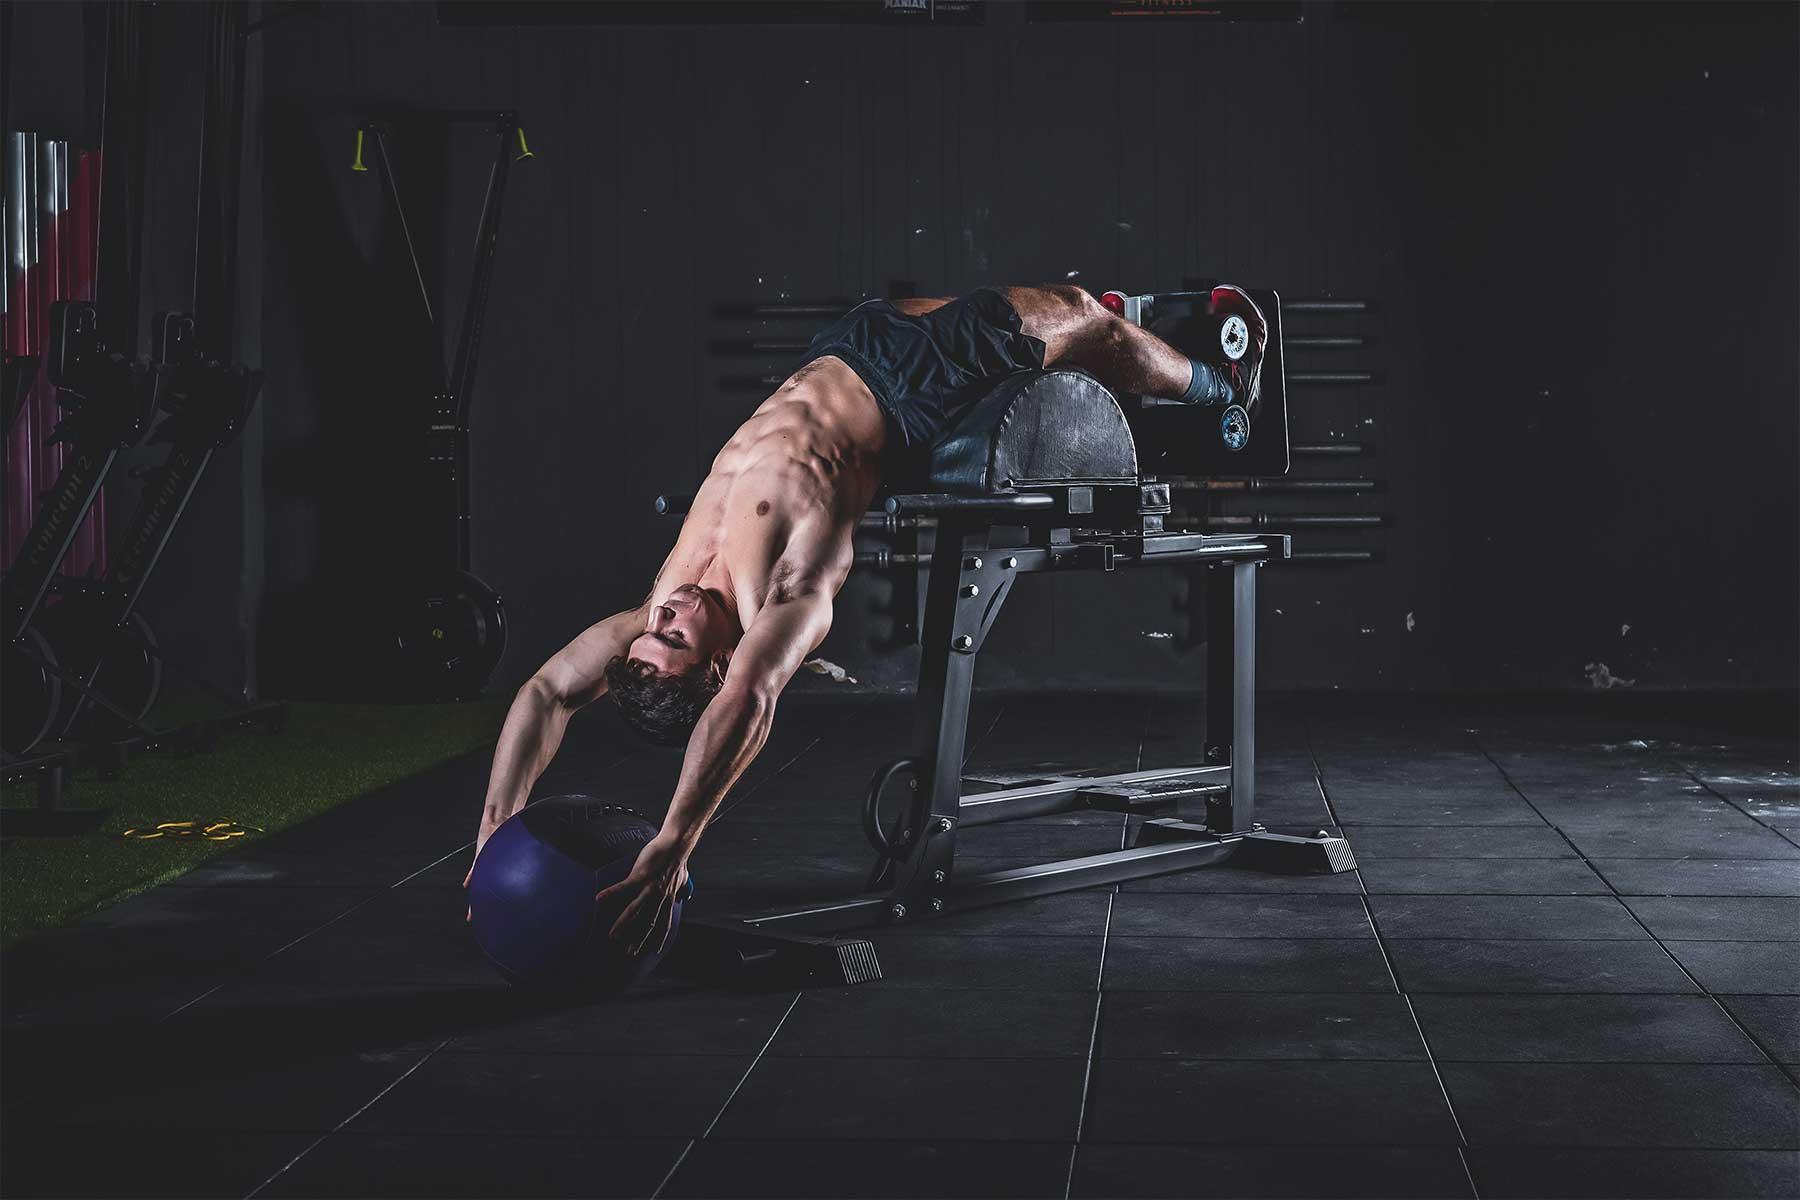 sesión de fotos deportivas de hombre musculoso en el gimnasio levantando una pelota pesada